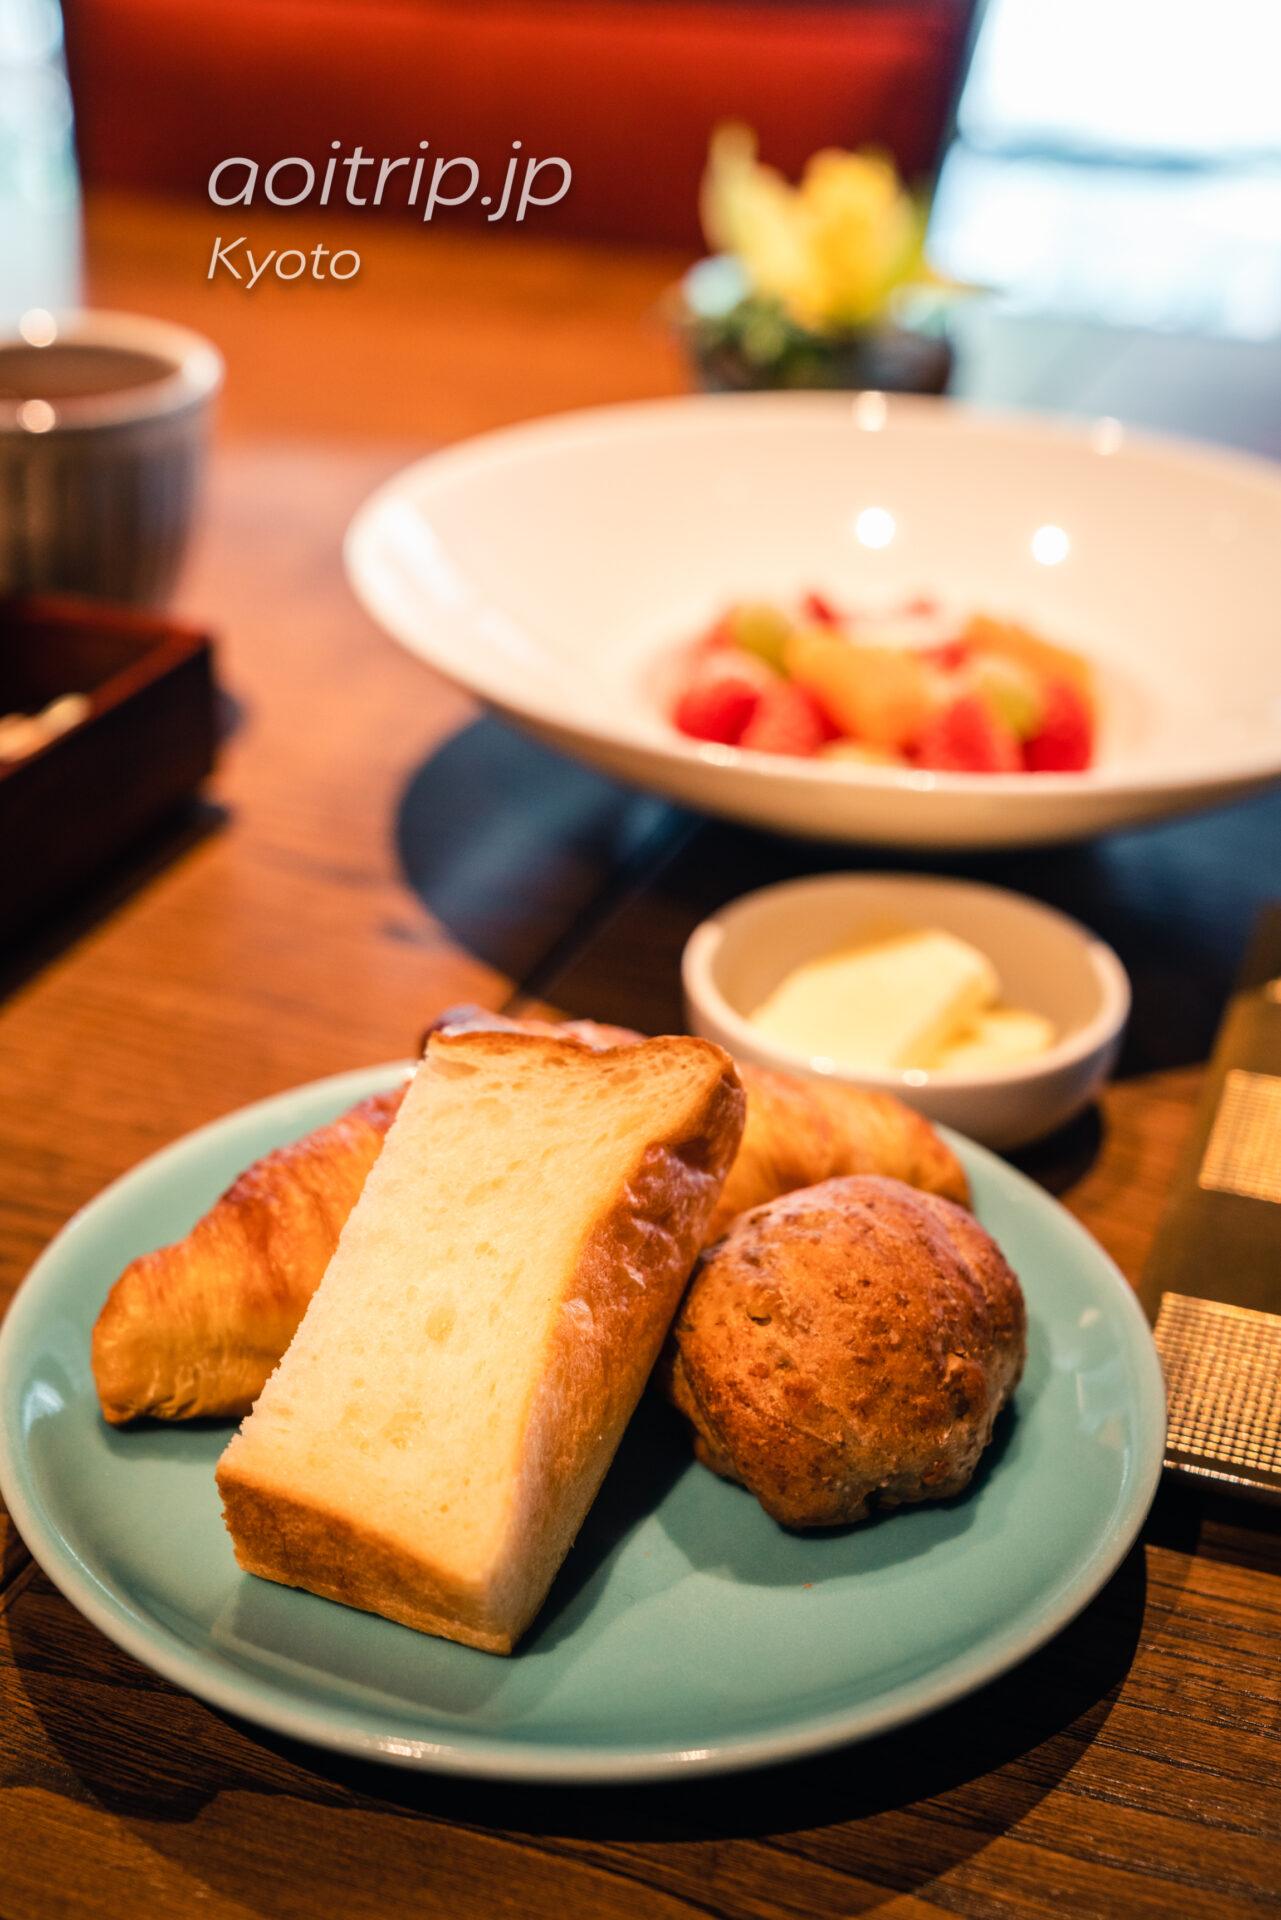 翠嵐 ラグジュアリーコレクションホテル 京都 レストラン京翠嵐の朝食 パン